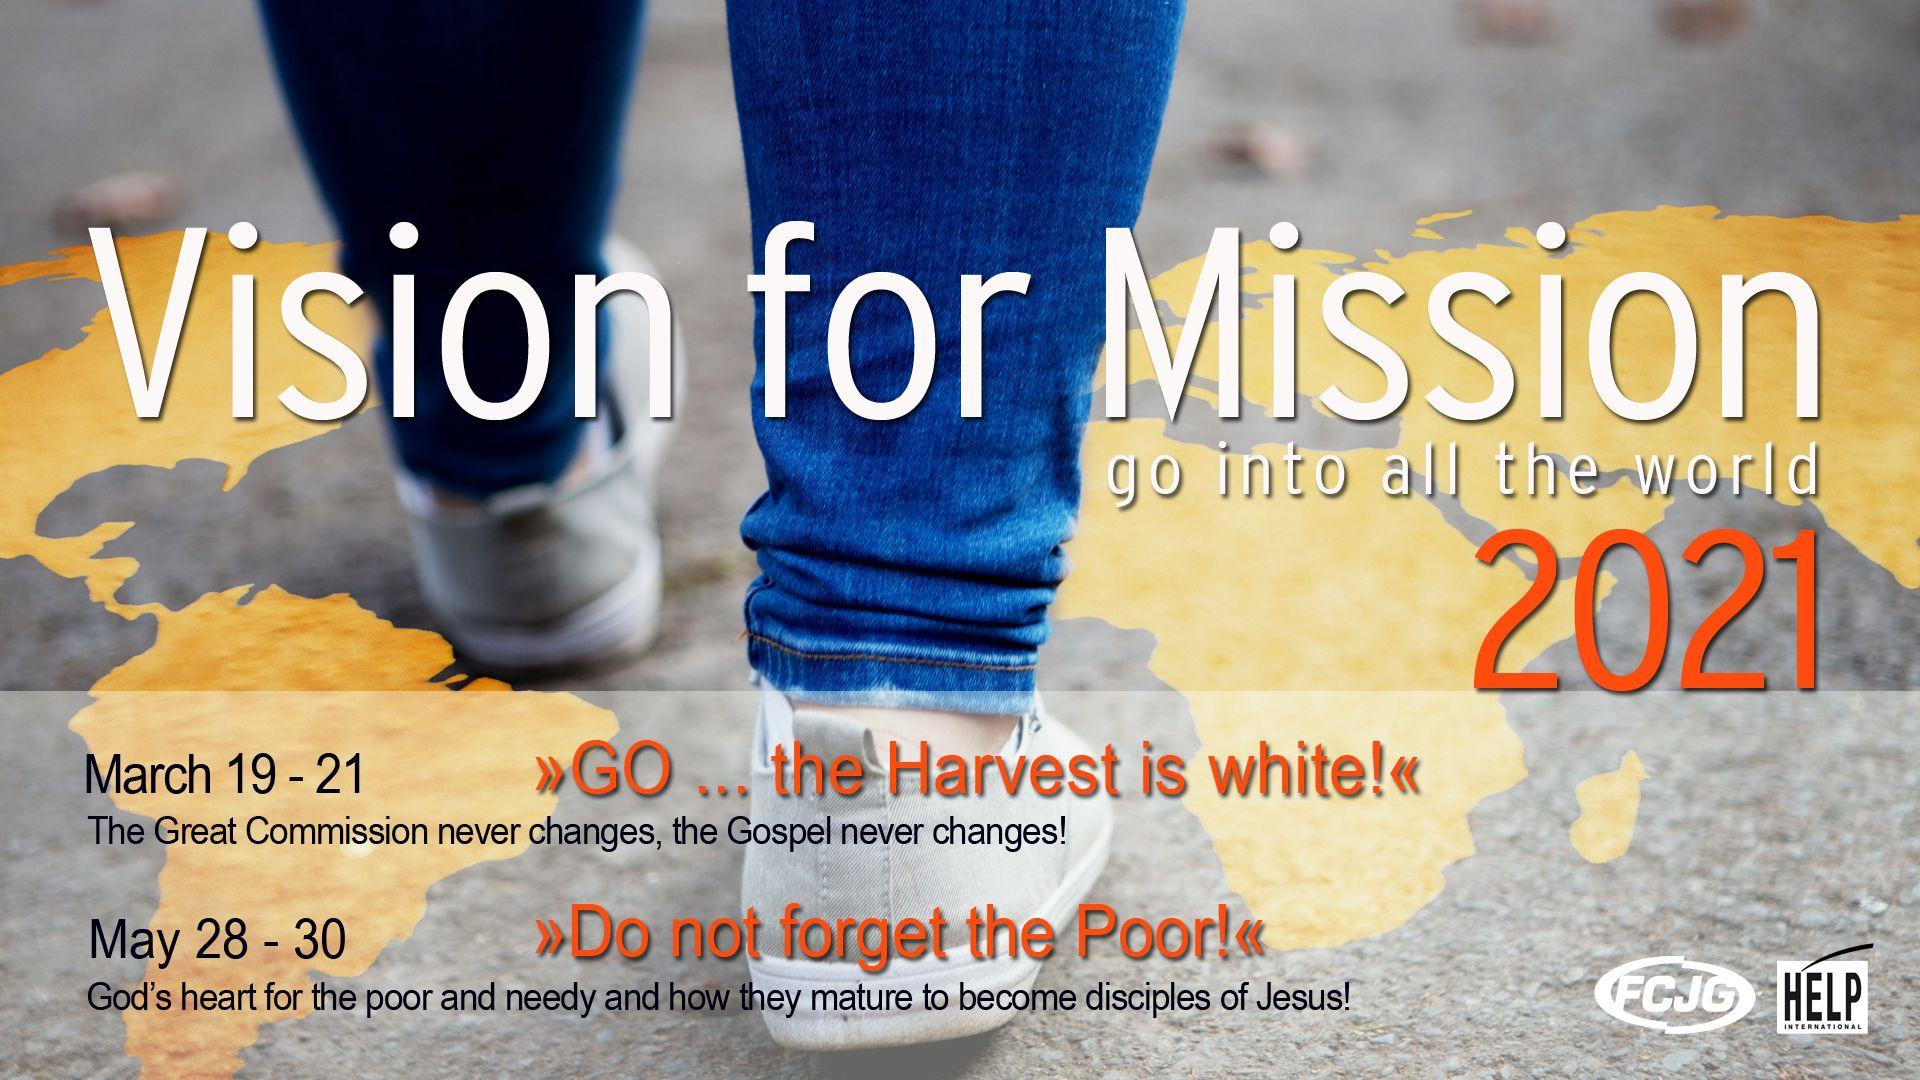 Vision_for_Mission_2021_Engl